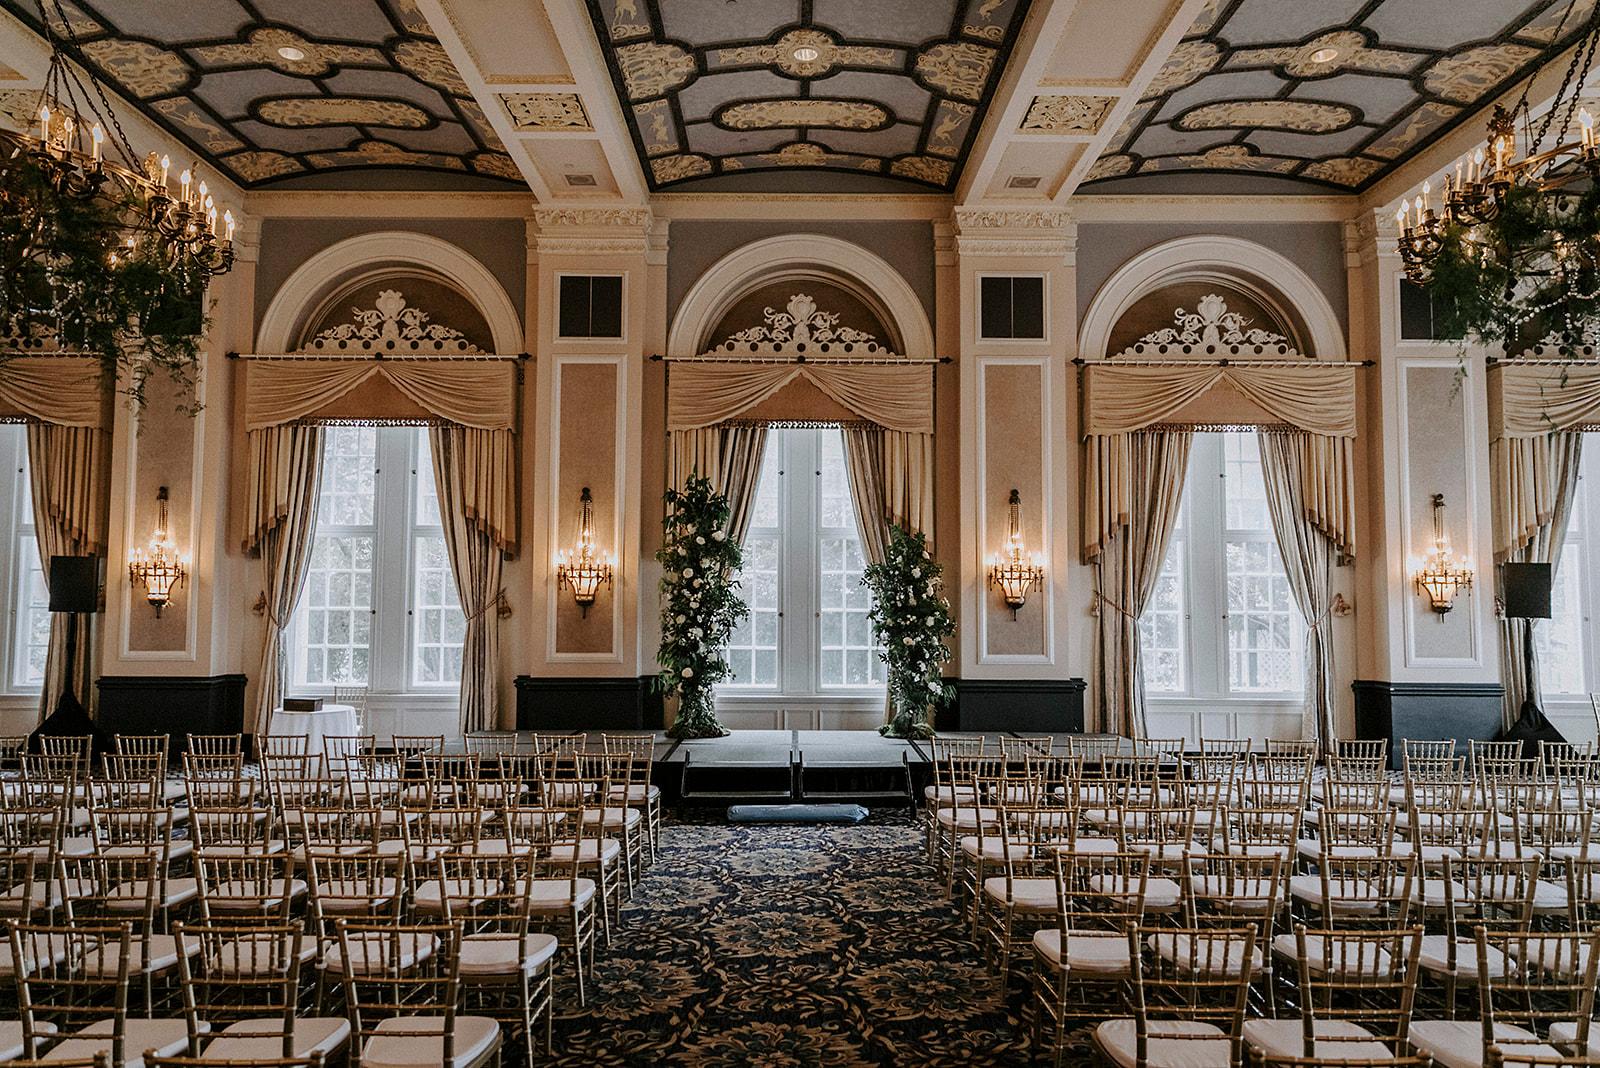 Fairmont Hotel Macdonald Ceremony